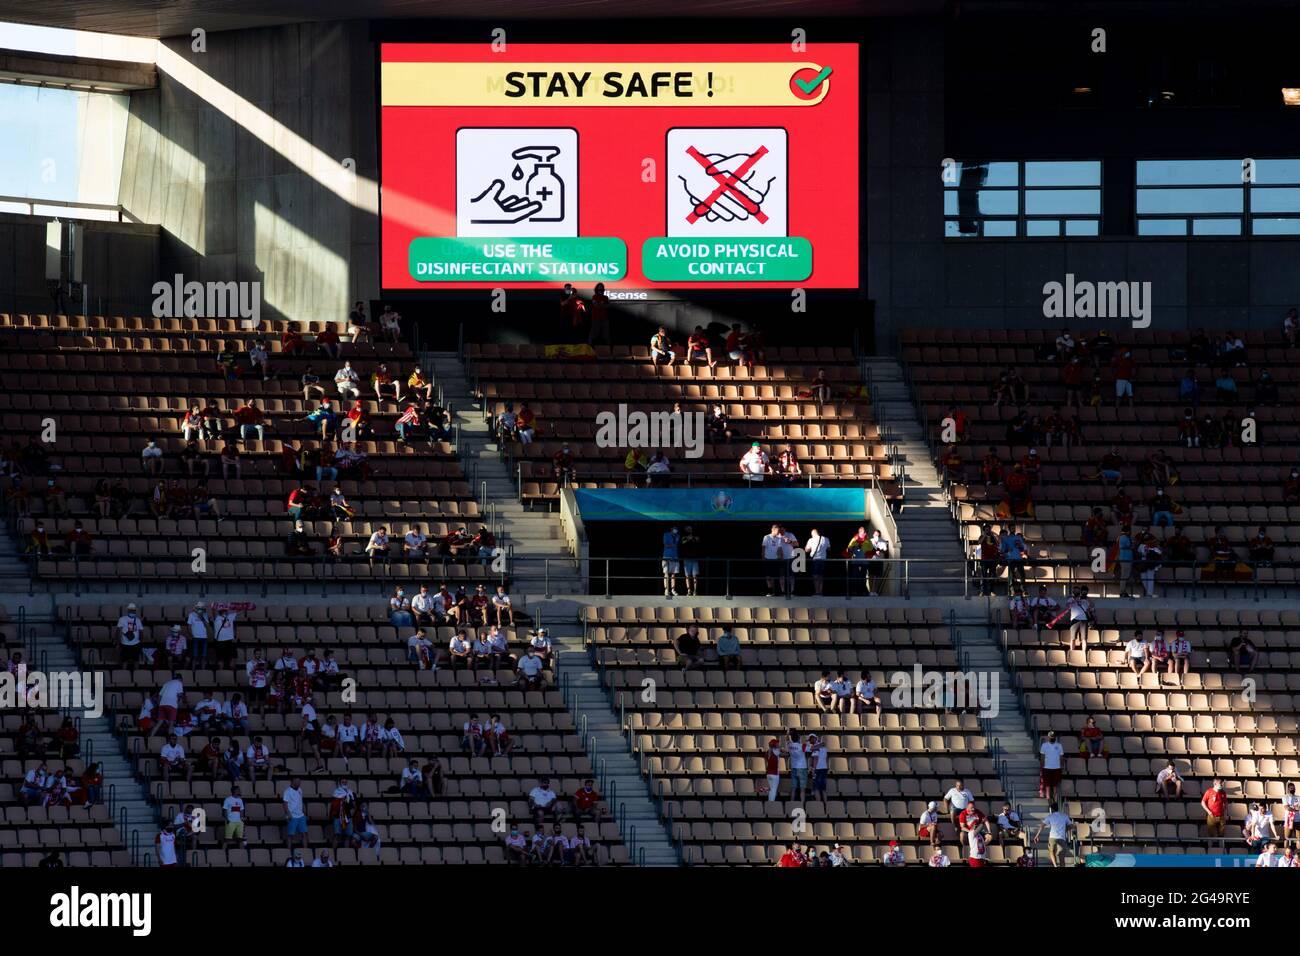 Sevilla, España. 19th de junio de 2021. La pantalla escrita Stay Safe se ve durante el partido del Grupo E entre España y Polonia en la UEFA EURO 2020 en Sevilla, España, 19 de junio de 2021. Crédito: Meng Dingbo/Xinhua/Alamy Live News Foto de stock